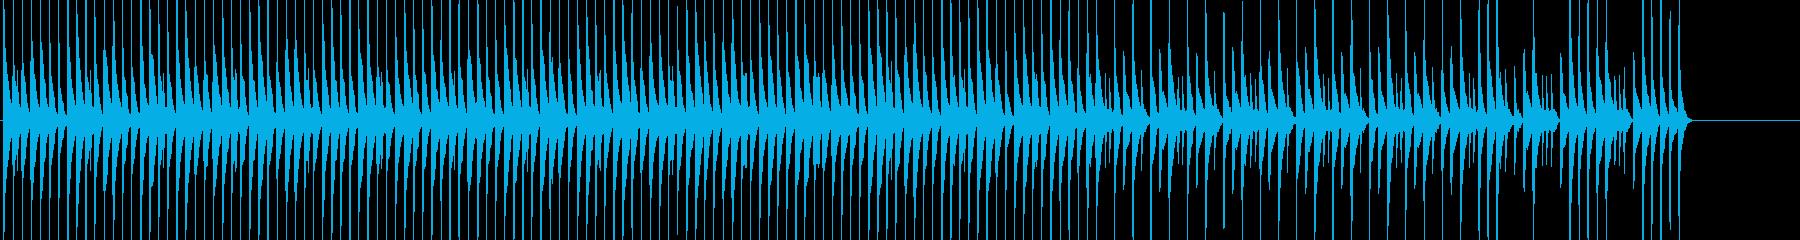 三線を使った淡々としてほのぼのしたBGMの再生済みの波形